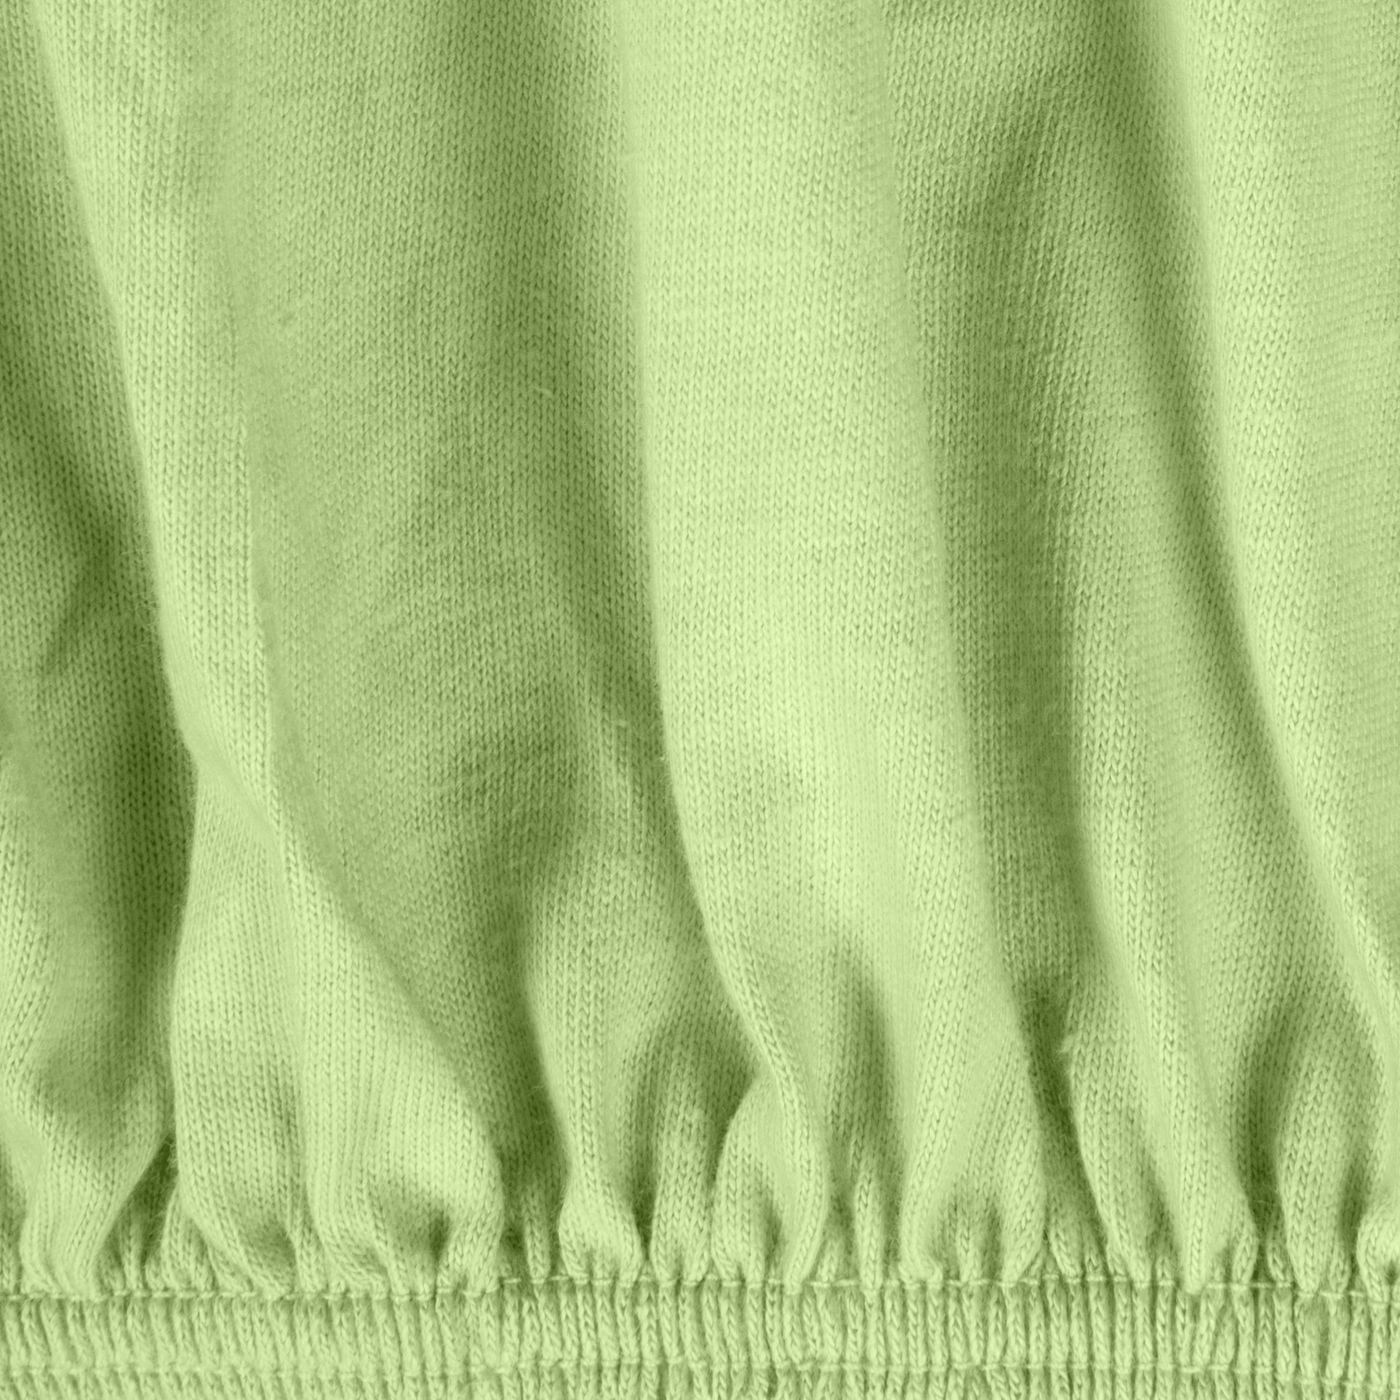 Prześcieradło bawełniane gładkie 140x200+25cm 140 kolor miętowy